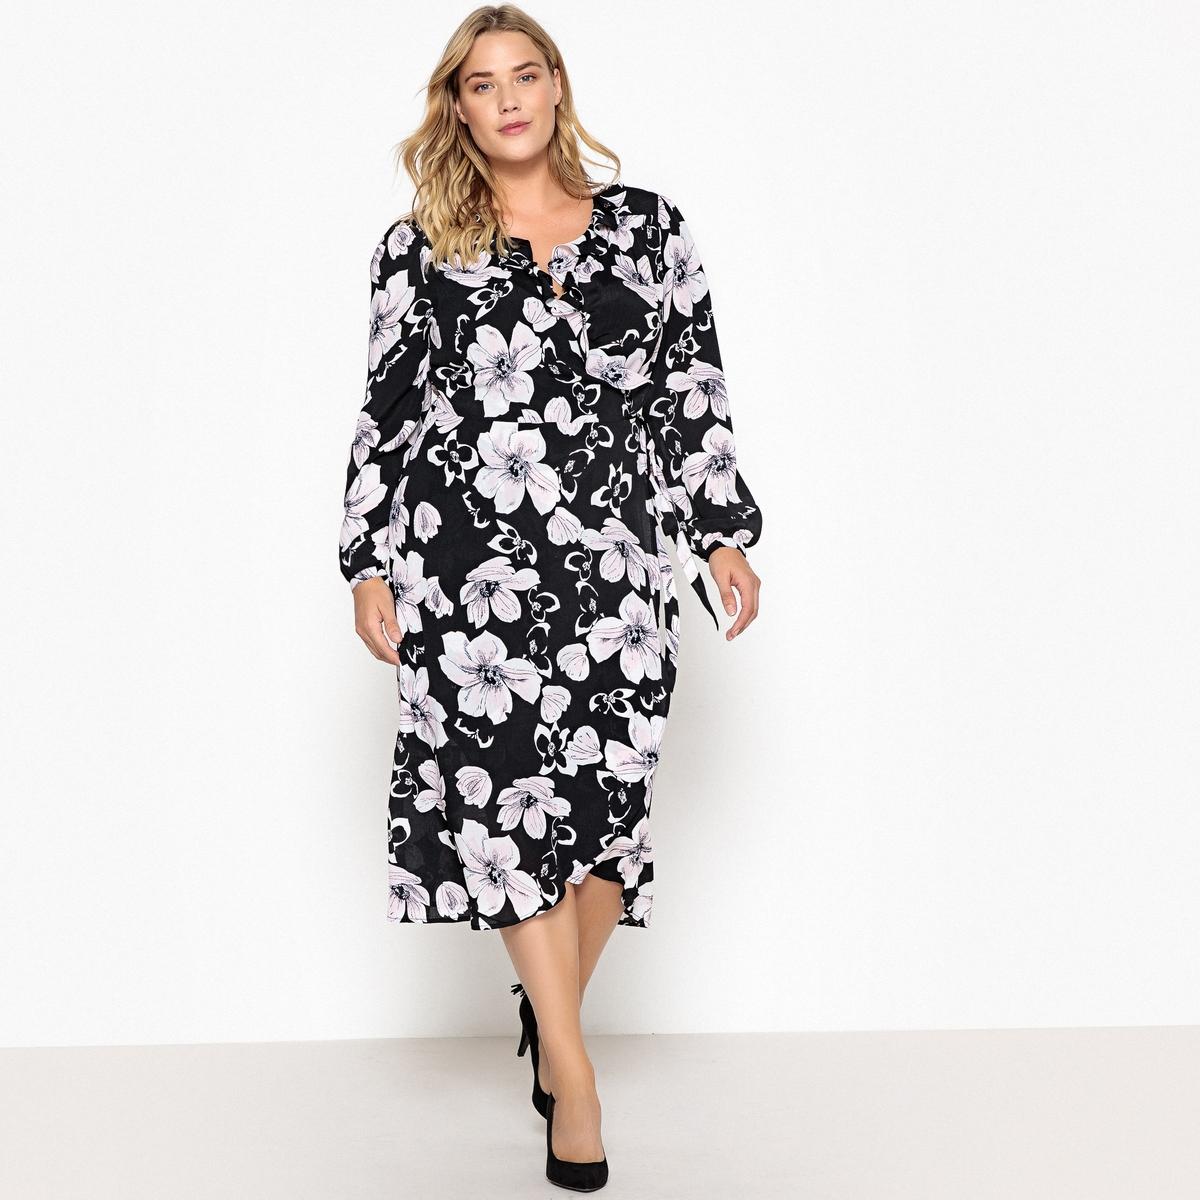 Платье с запахом длинное с цветочным принтом длинное платье с принтом matthew williamson длинное платье с принтом